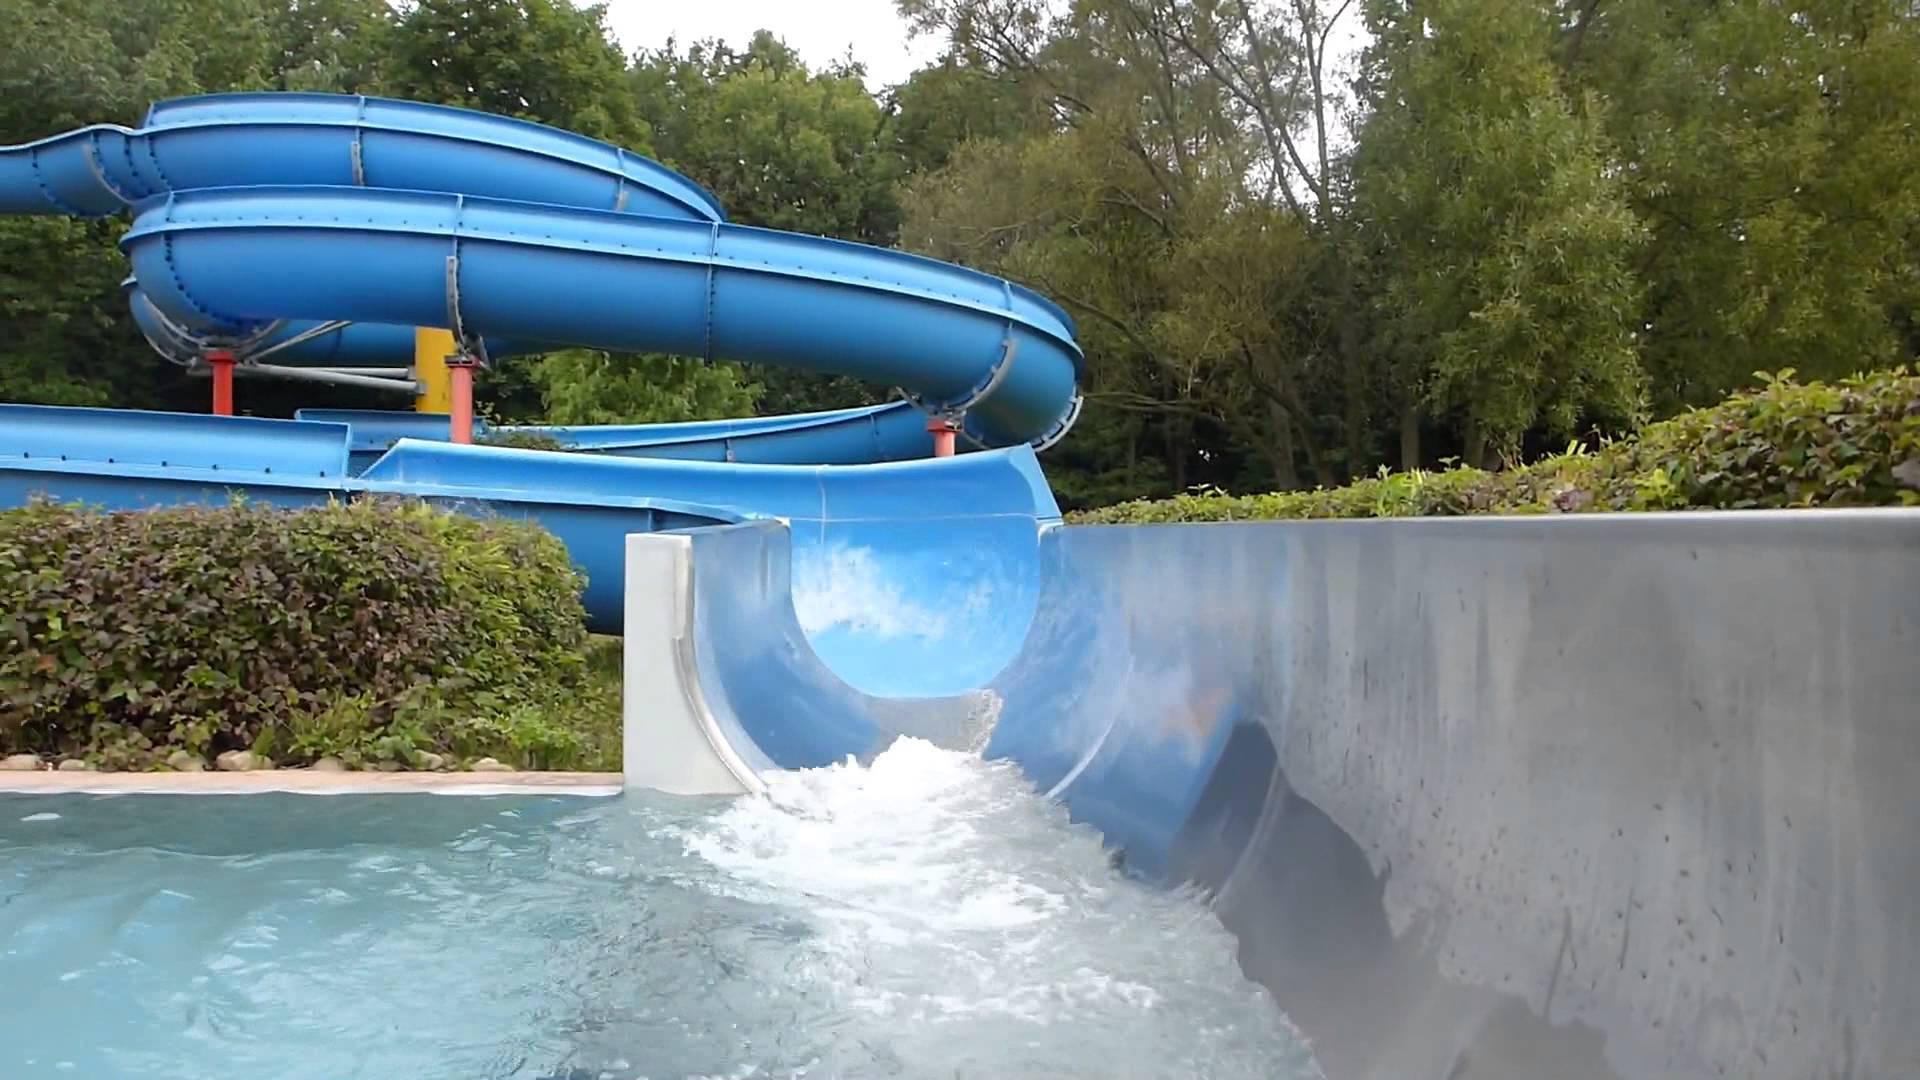 Waldschwimmbad Eisenberg - Riesenrutsche Onride